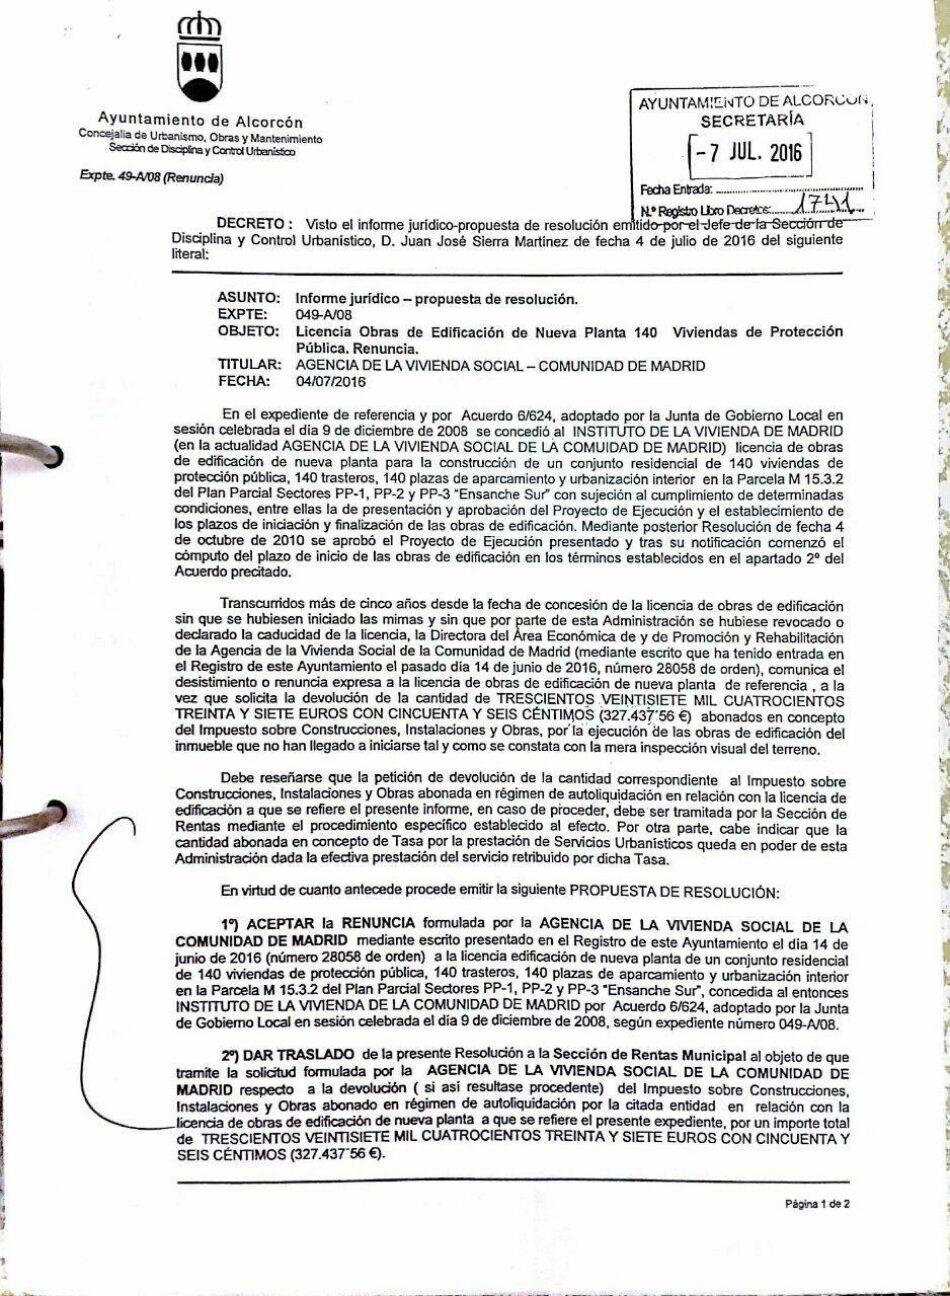 El «irresponsable» gobierno de Alcorcón permite la renuncia para la construcción de 688 viviendas sociales